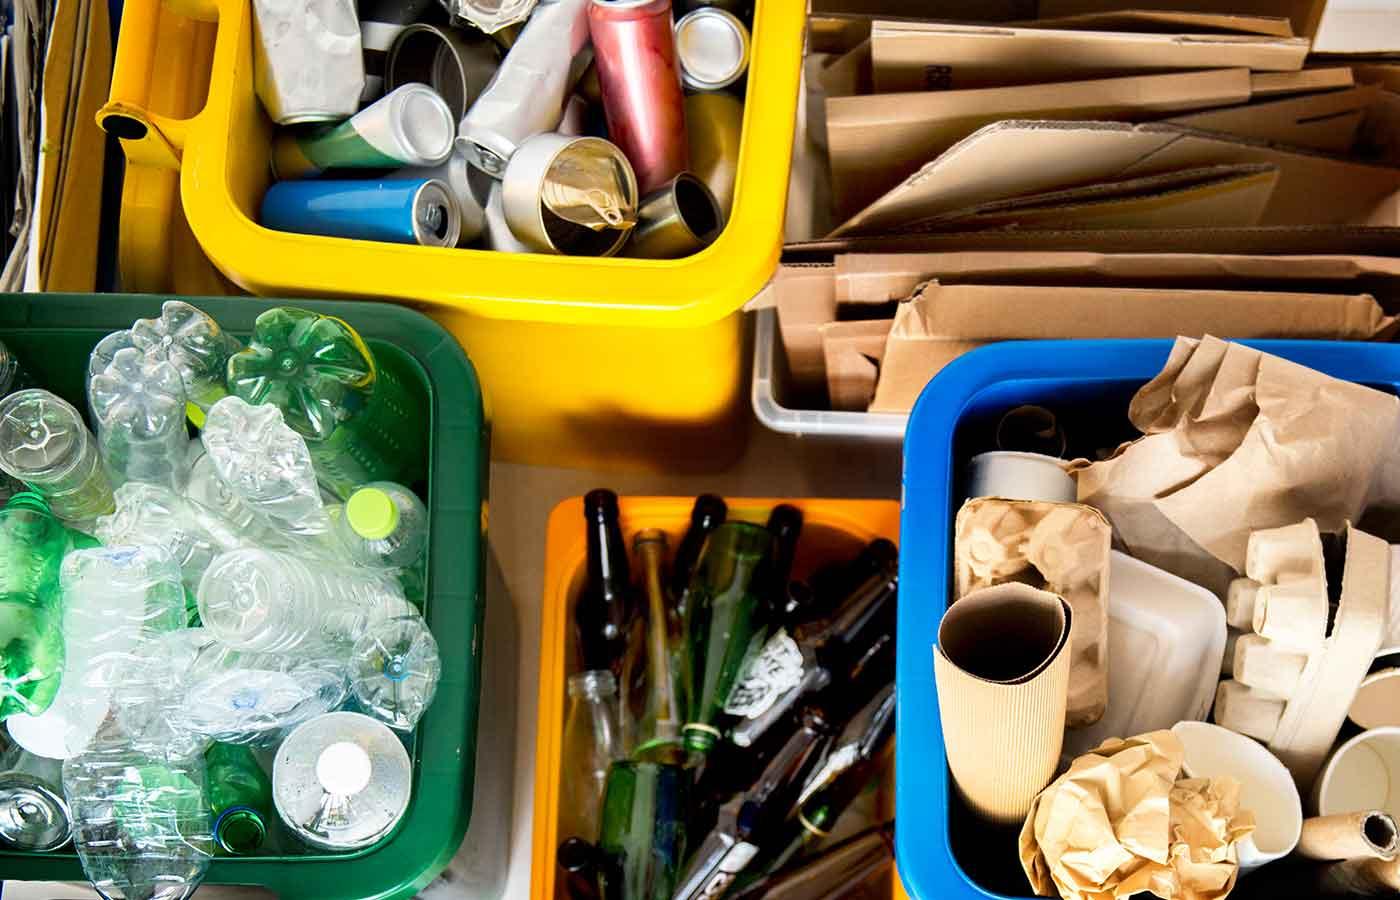 produk daur ulang limbah